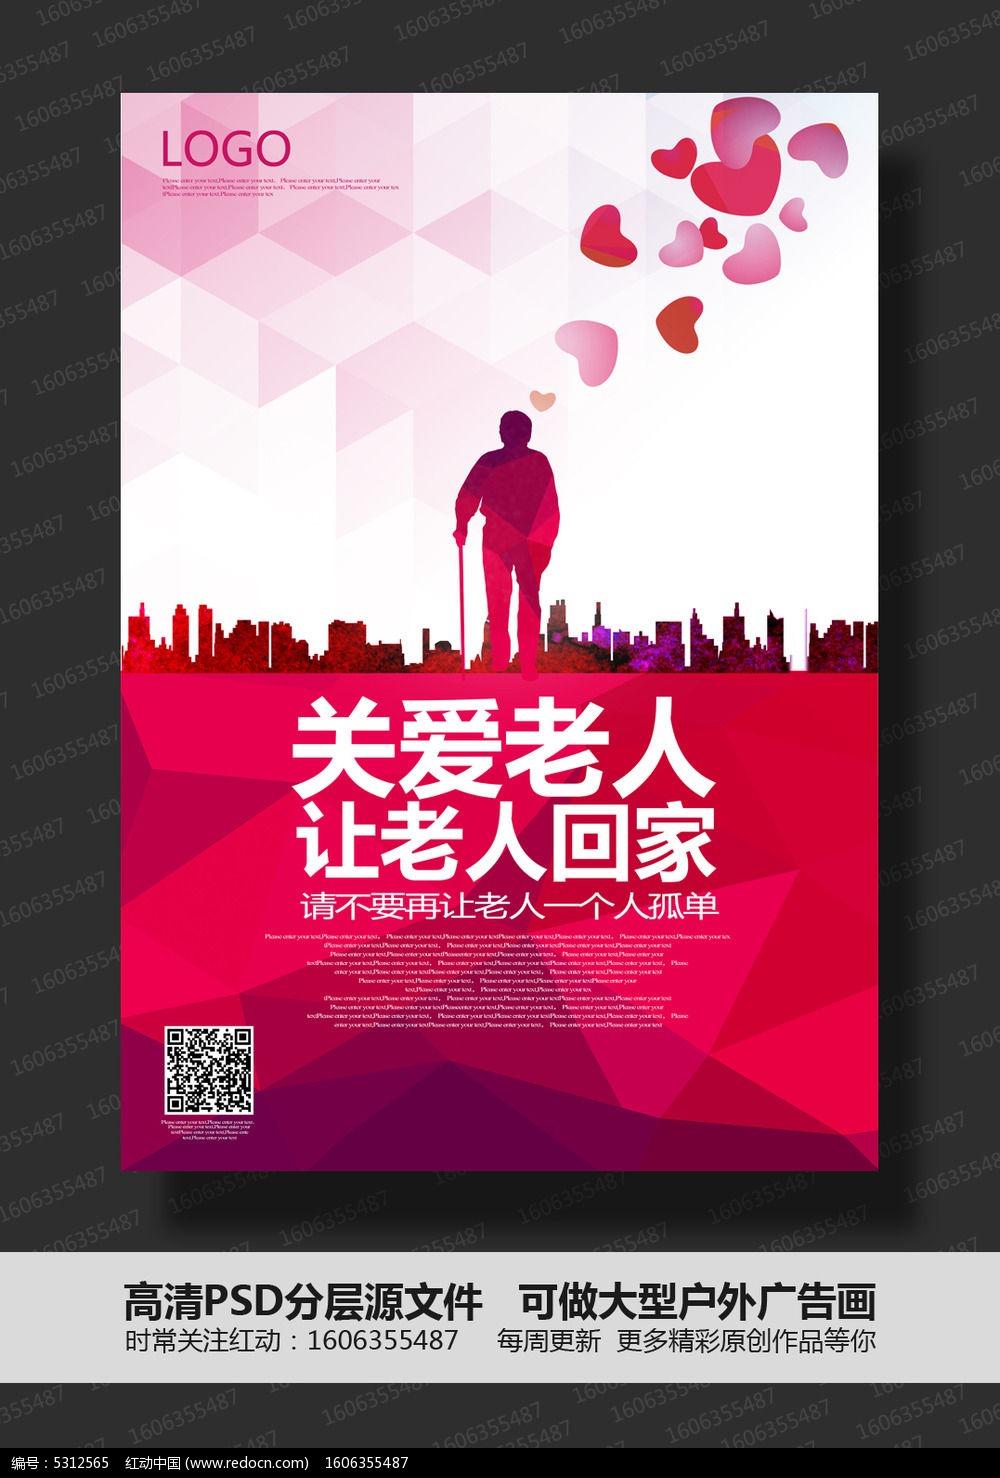 创意关爱老人公益宣传海报设计素材下载 编号5312565 红动网图片